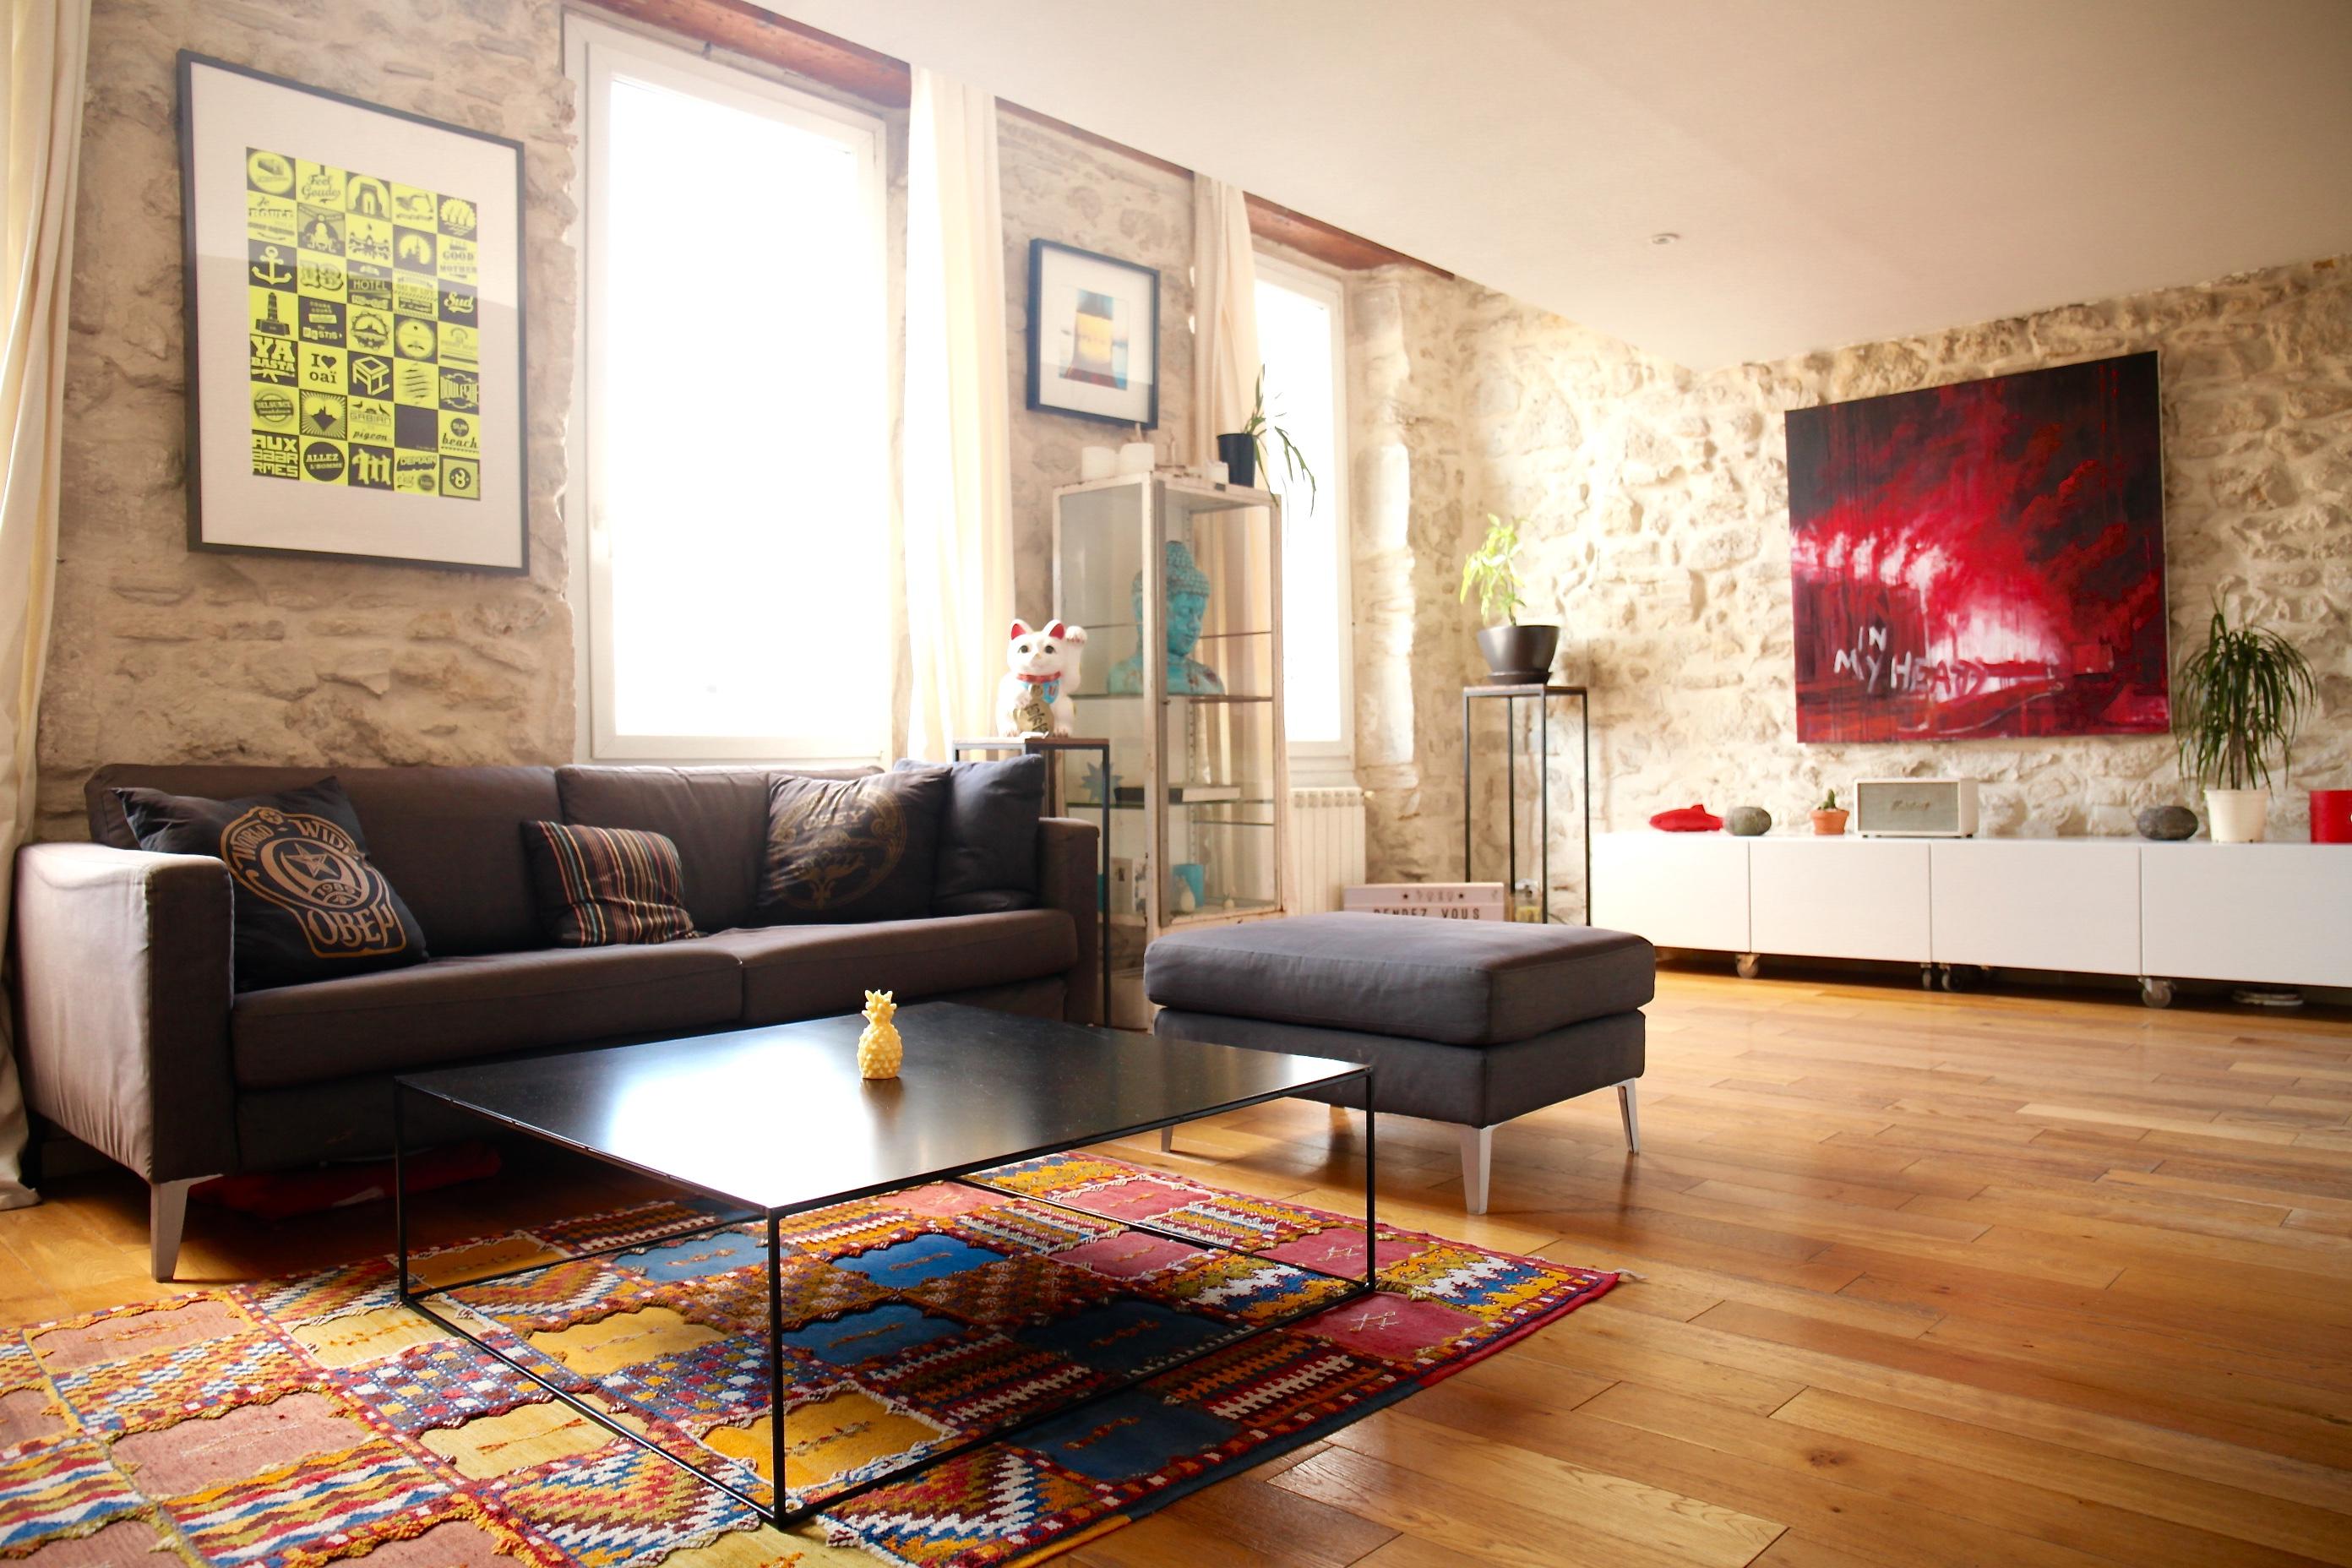 sous compromis - Camas - Duplex en dernier étage - 209 000€